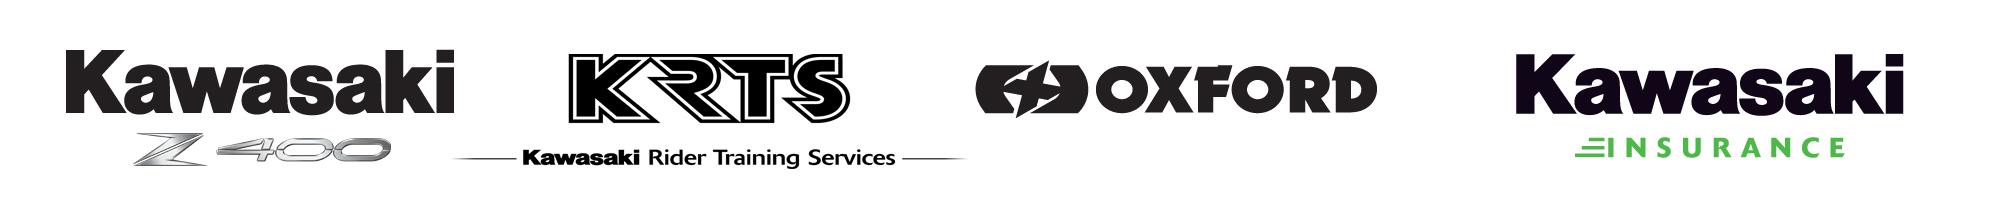 sponsors-bar-2000pxW-new.jpg